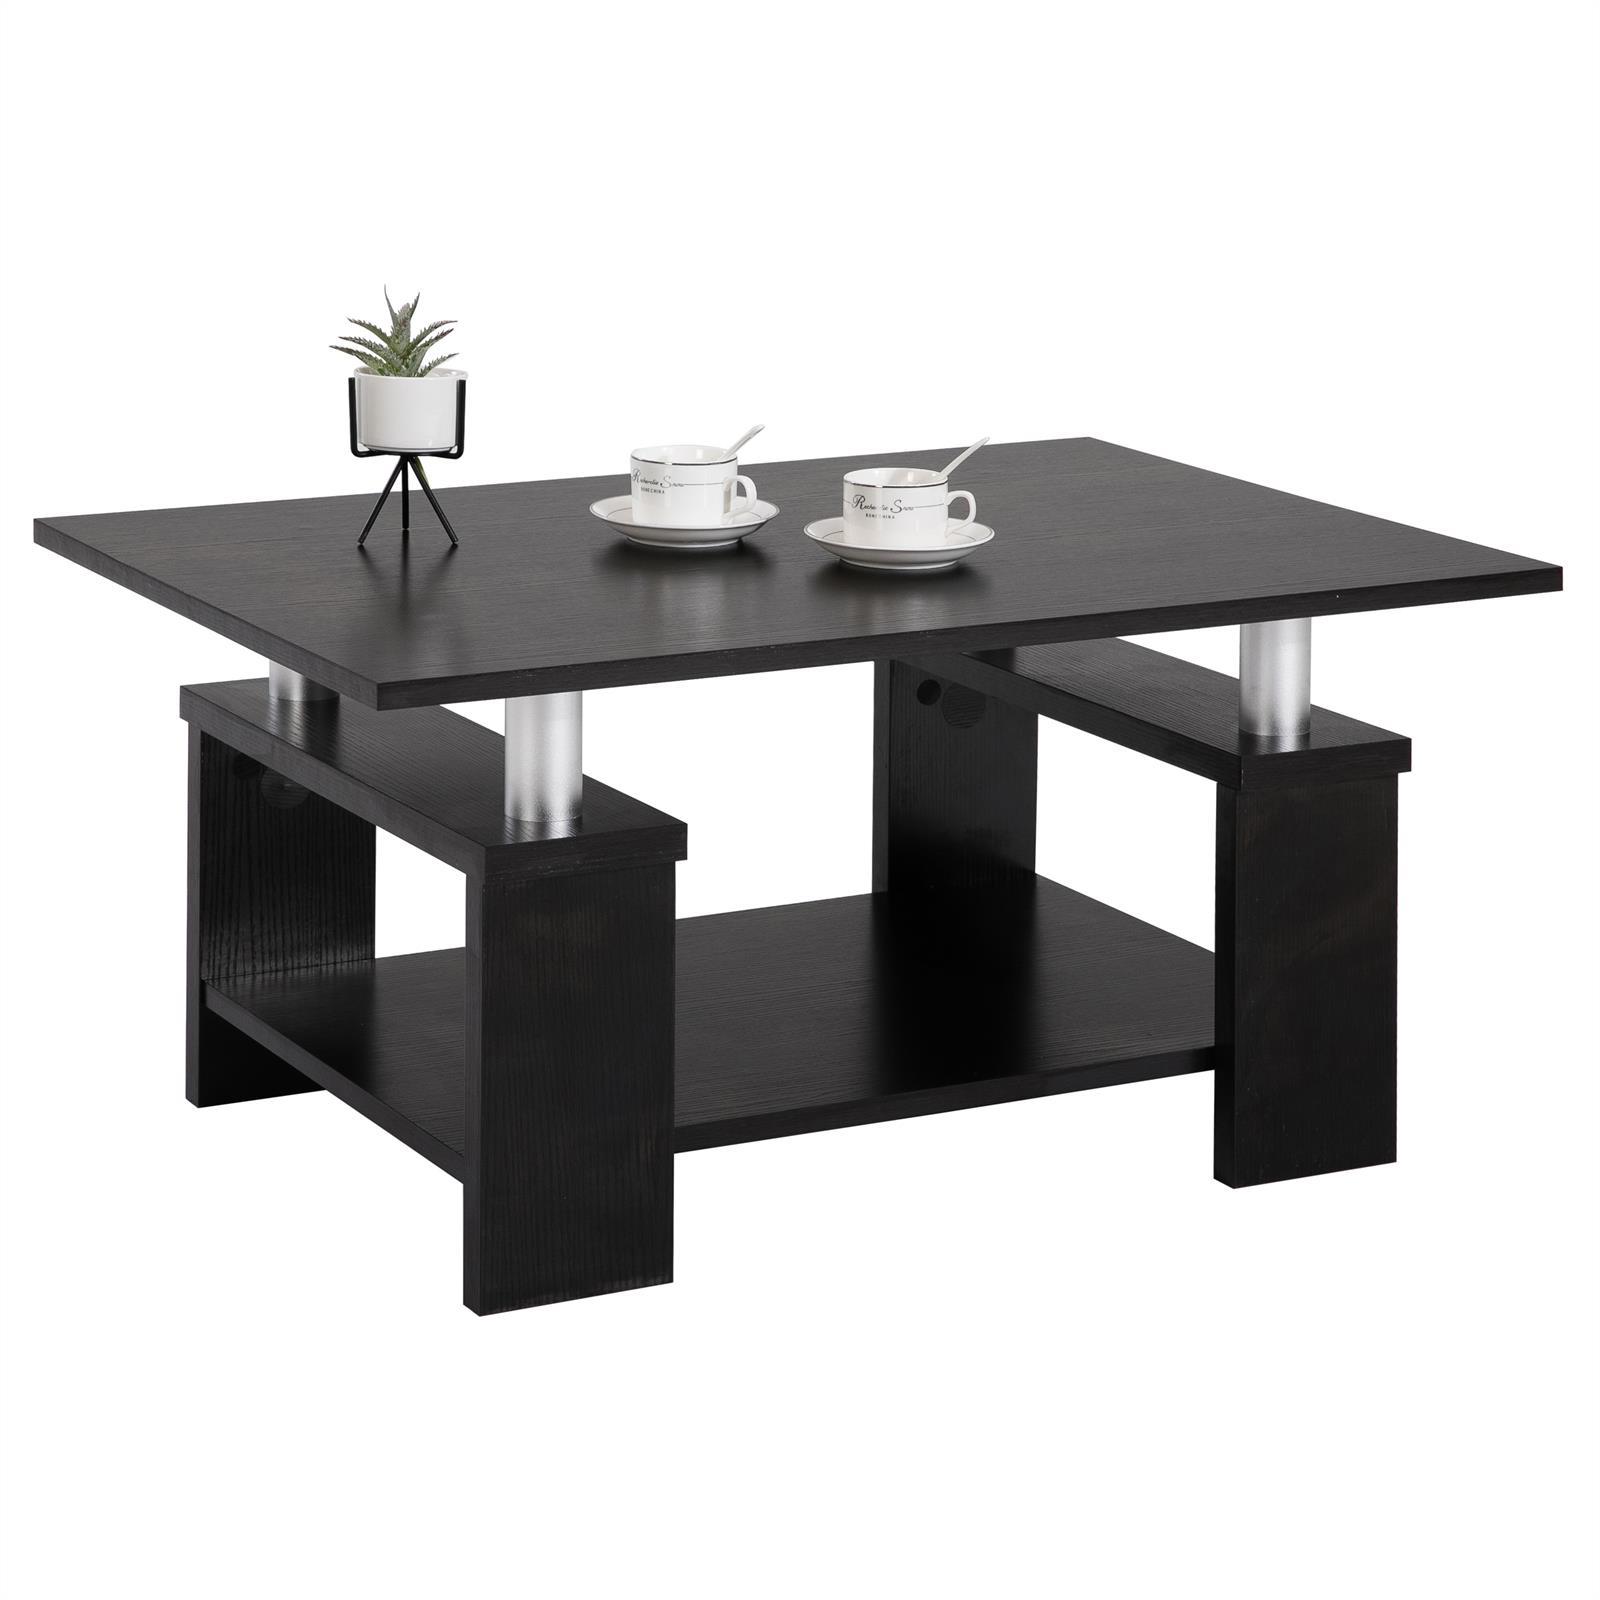 couchtisch beistelltisch wohnzimmertisch farbauswahl mit. Black Bedroom Furniture Sets. Home Design Ideas